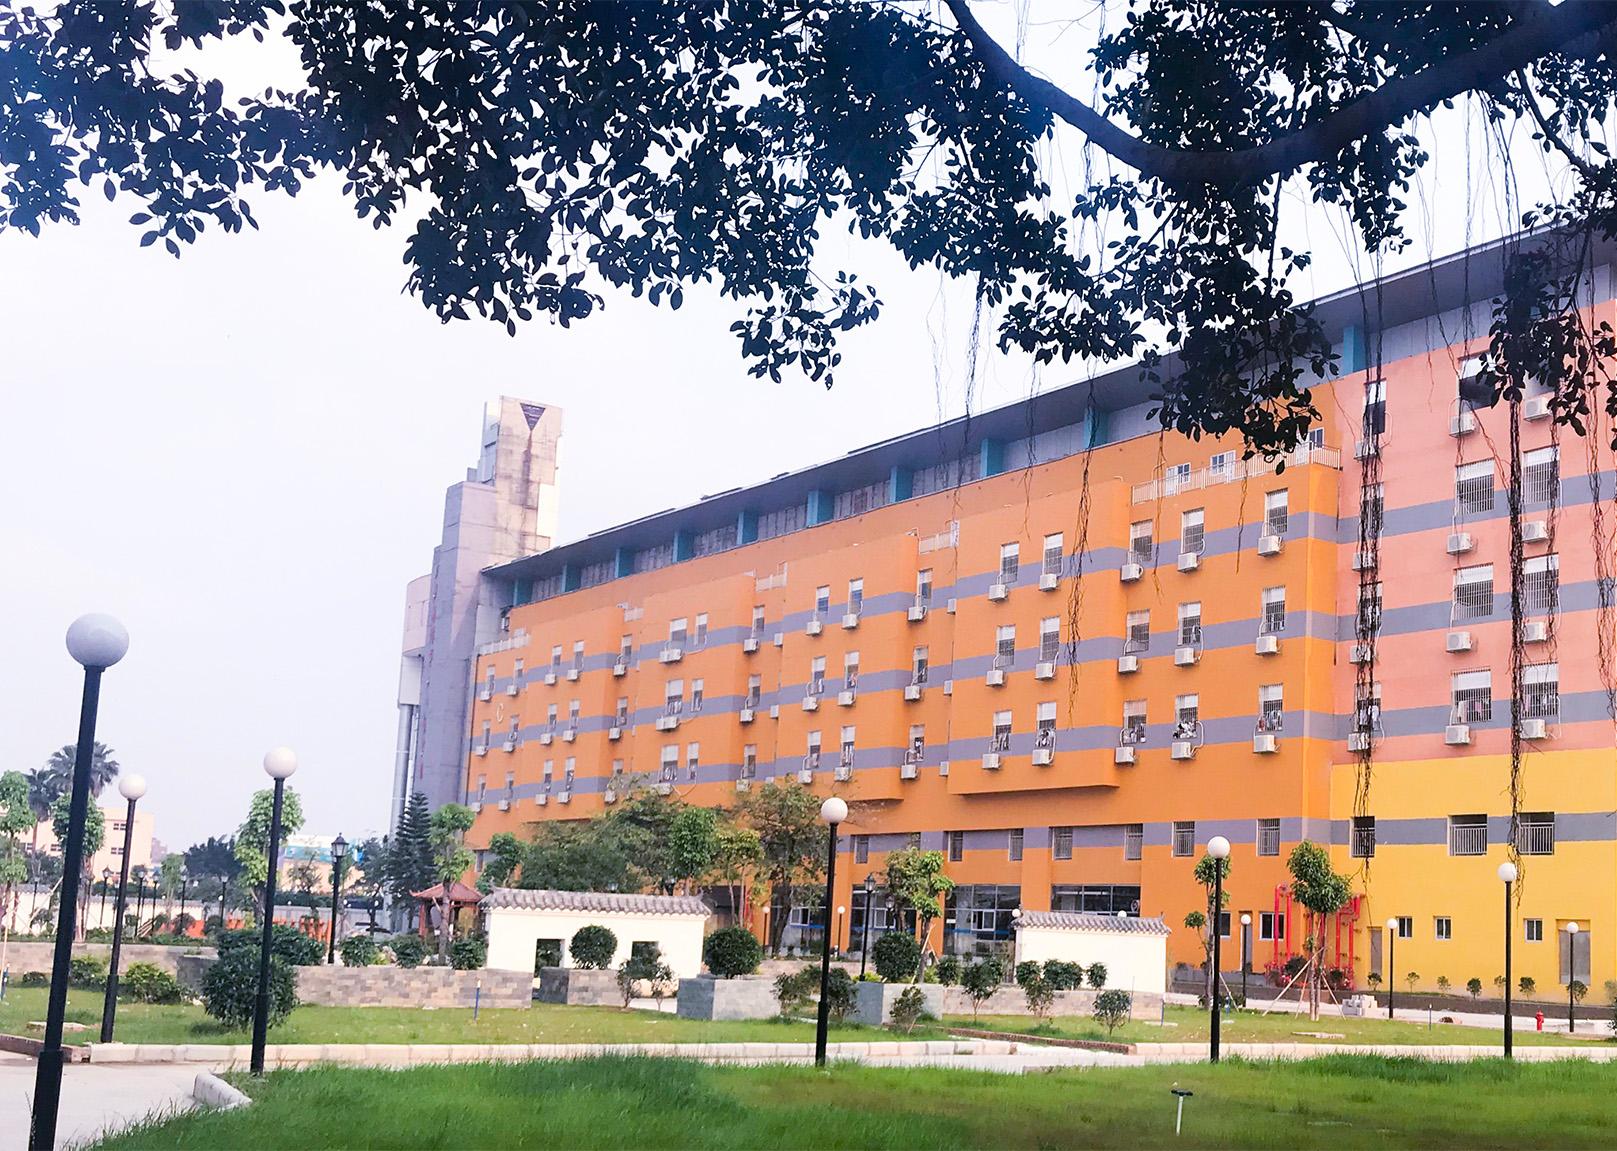 广州画室校园,广州美术培训班校园,广州围墙画室校园